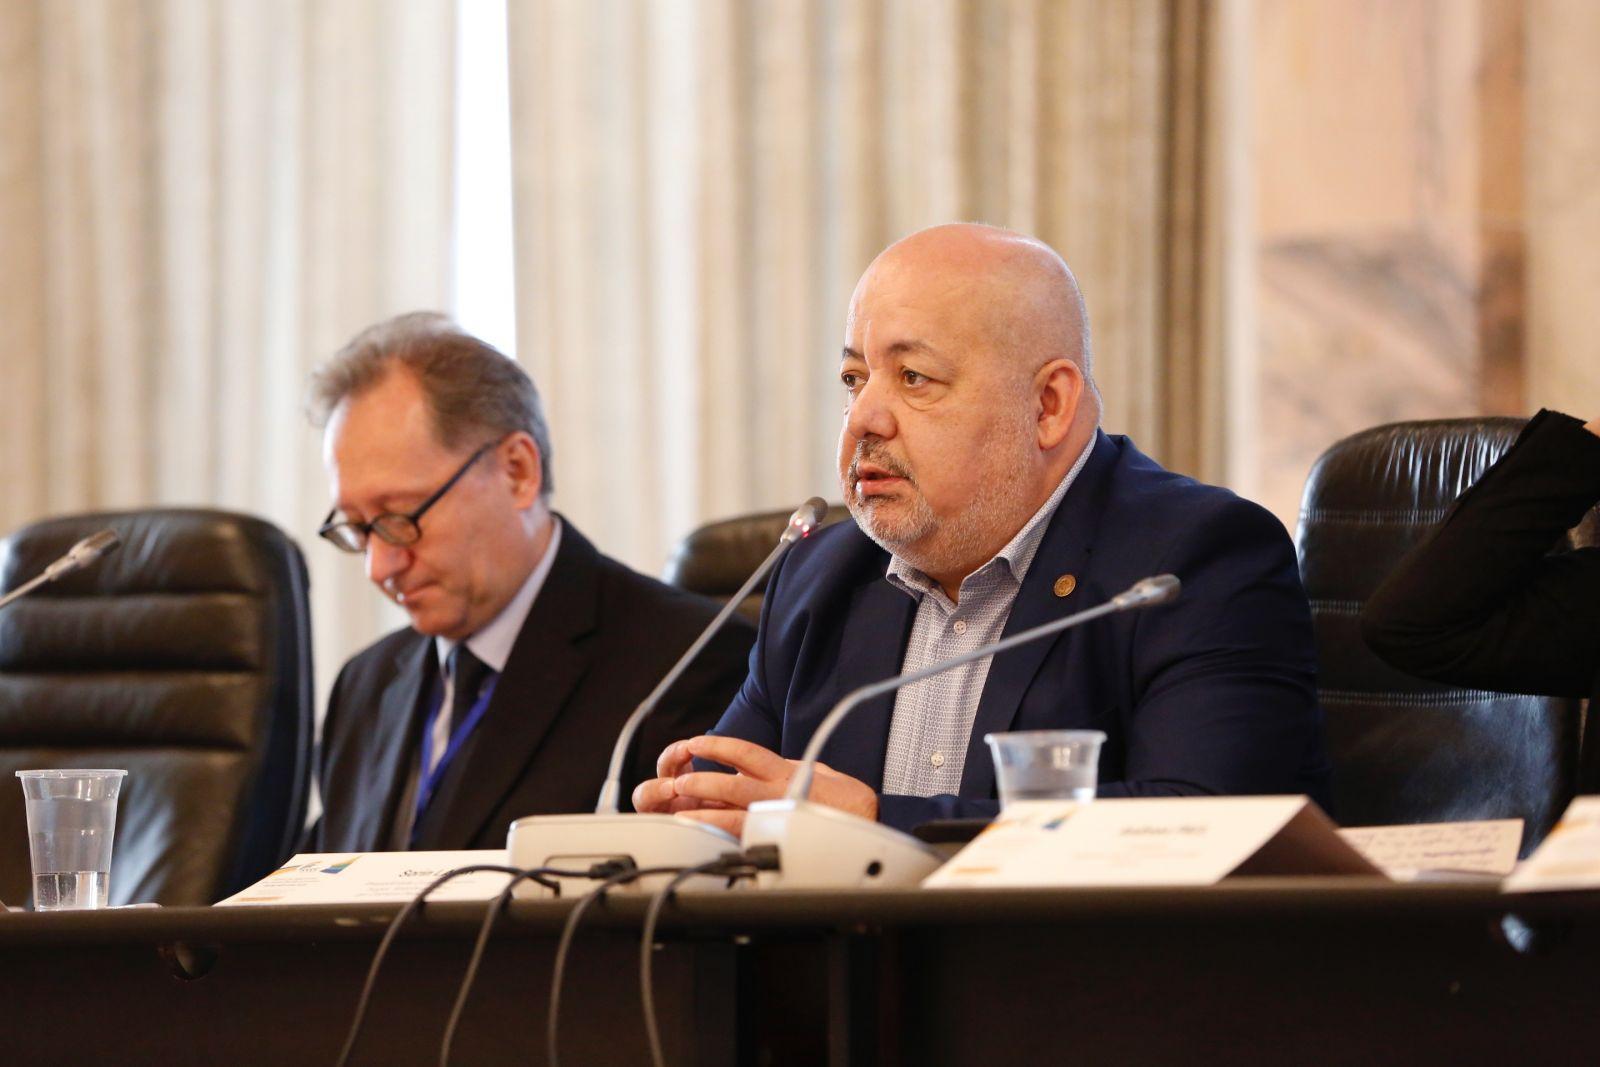 Sorin Lazăr, Președintele Comisiei de Buget din Camera Deputaților: Mediul de afaceri trebuie sprijinit și încurajat